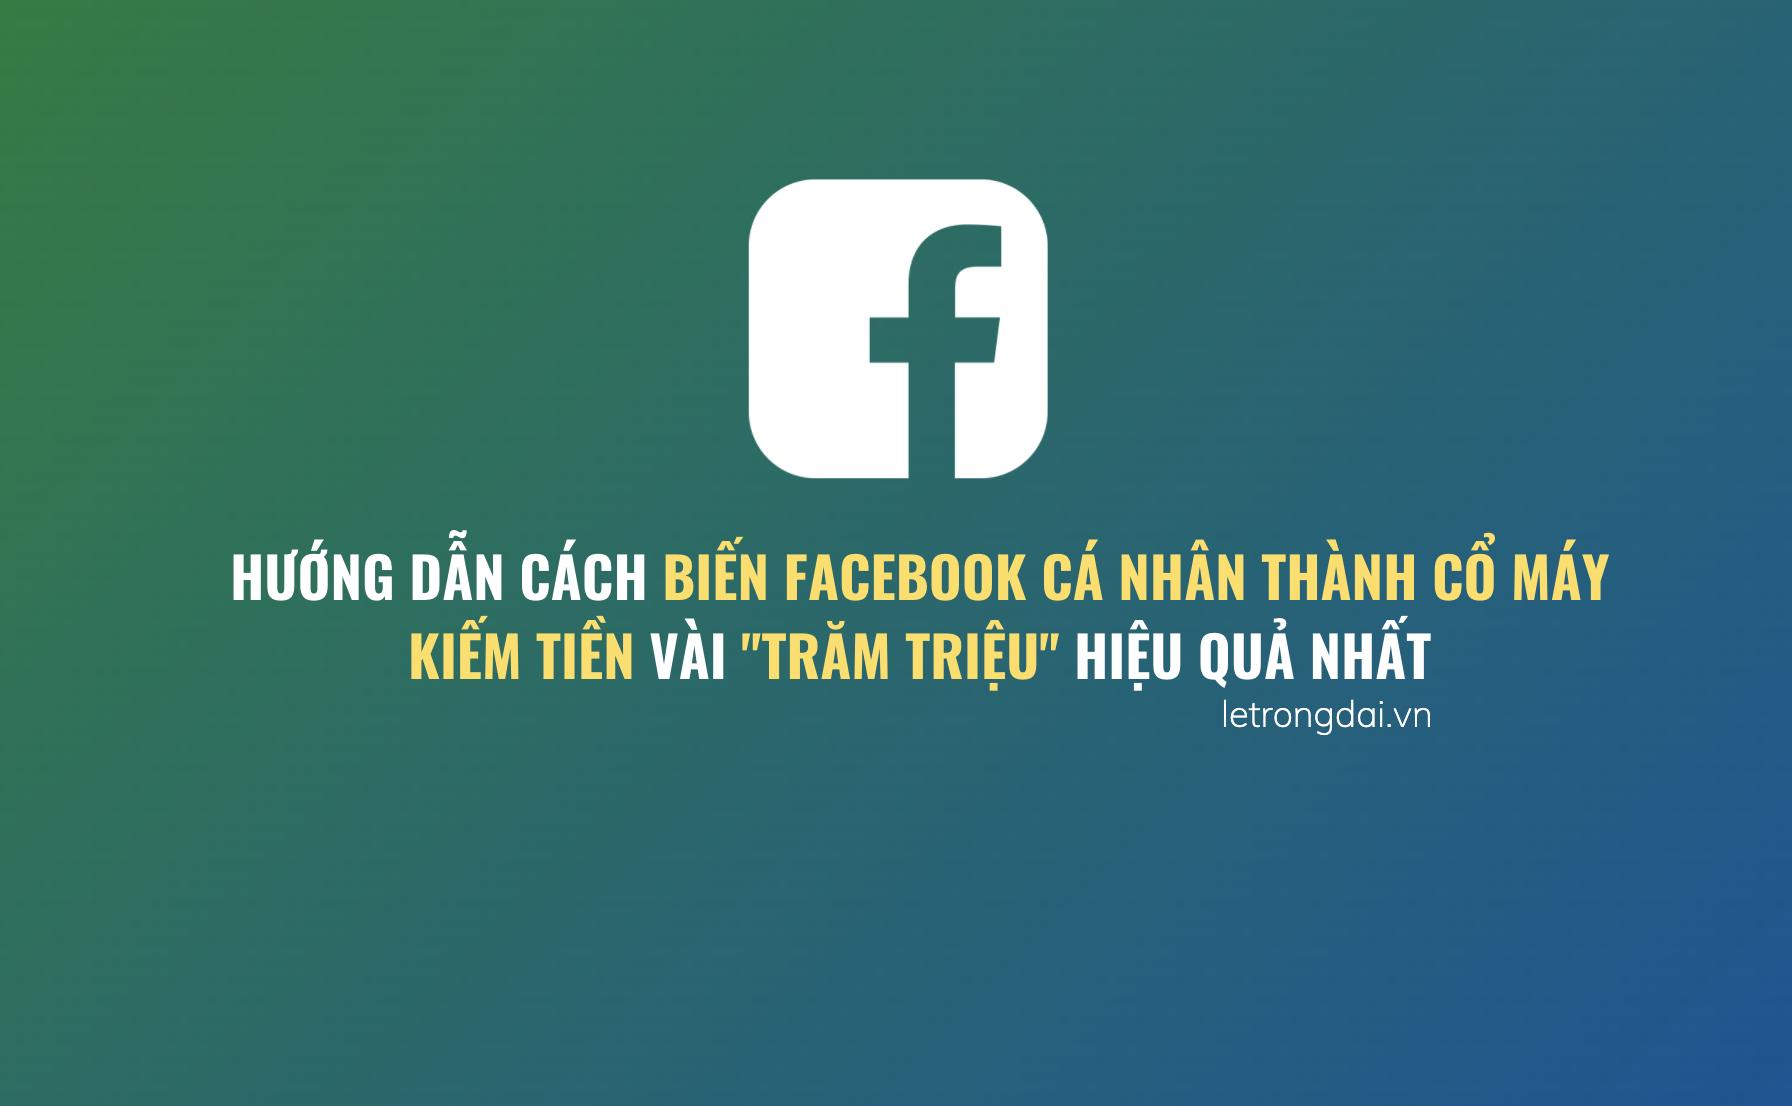 Cách Biến Facebook Cá Nhân Thành Cổ Máy Kiếm Tiền Vài Trăm Triệu Hiệu Quả Nhất